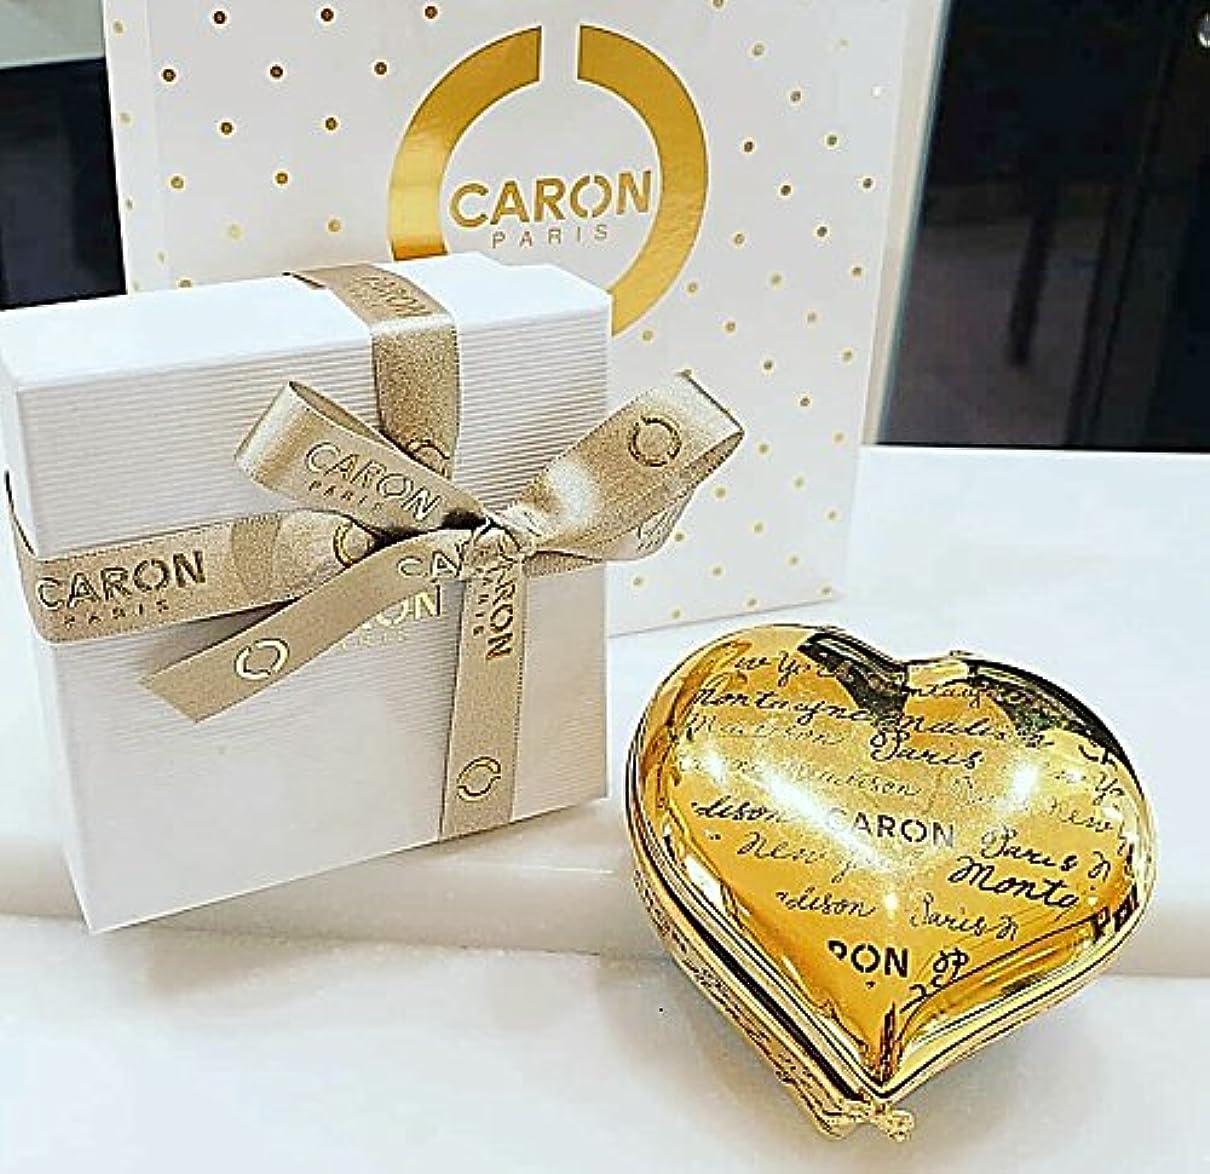 CARON キャロン バスパール